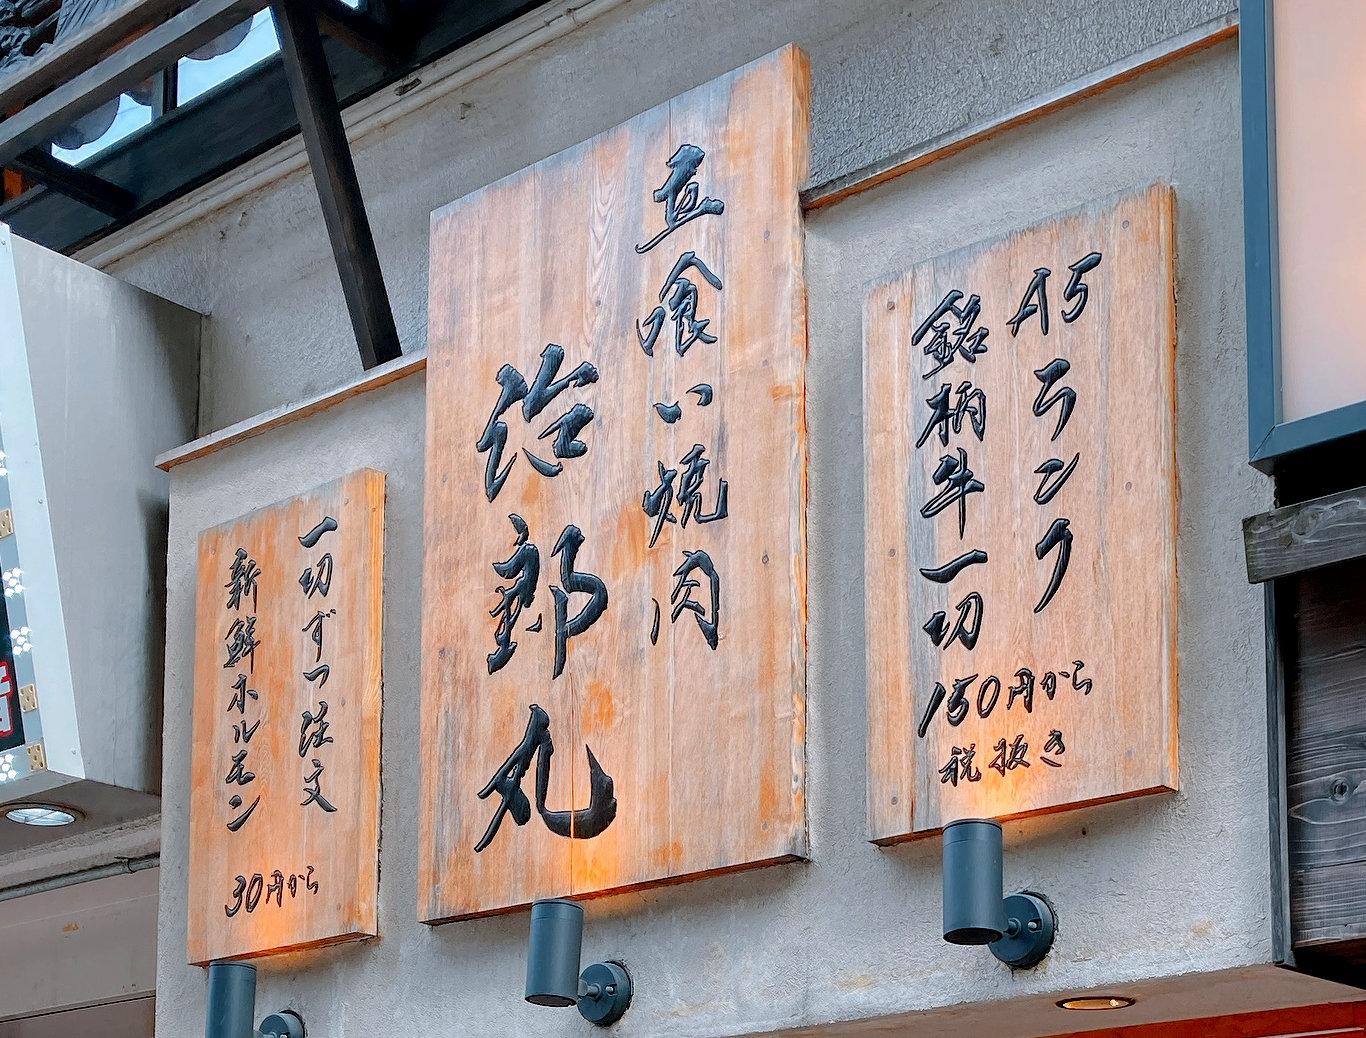 新宿で一人焼肉におすすめのお店7選!一人焼肉専門店やカウンター席がおすすめのお店まとめ